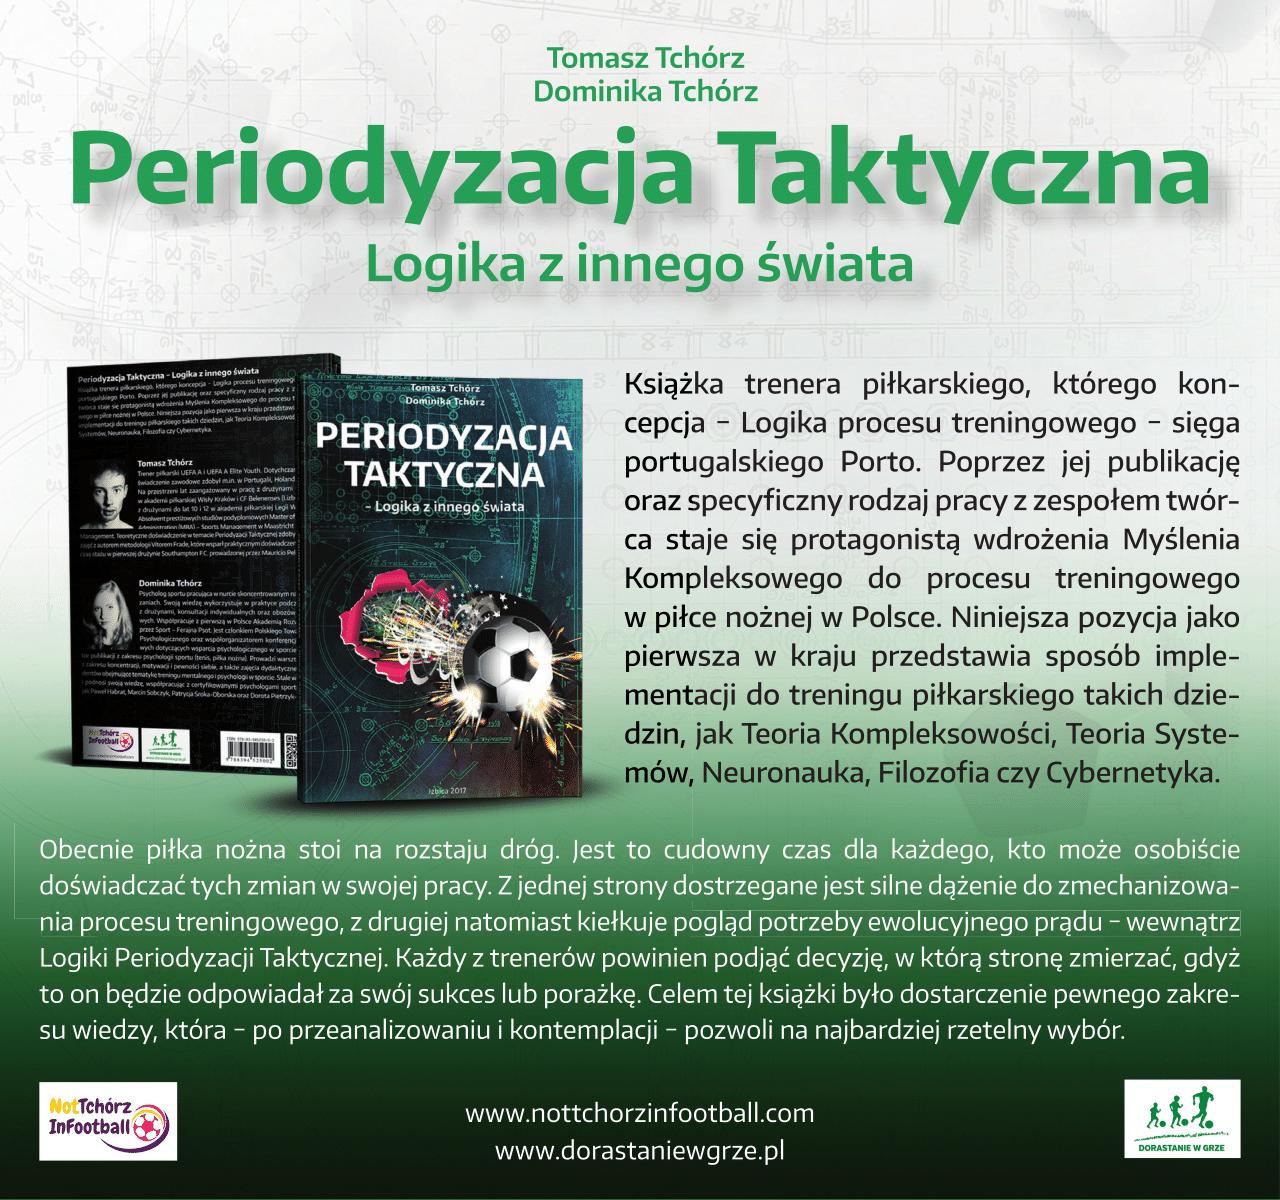 Przedstawienie zagadnień Macierzy Konceptualnej i Metodologicznej Periodyzacji Taktycznej